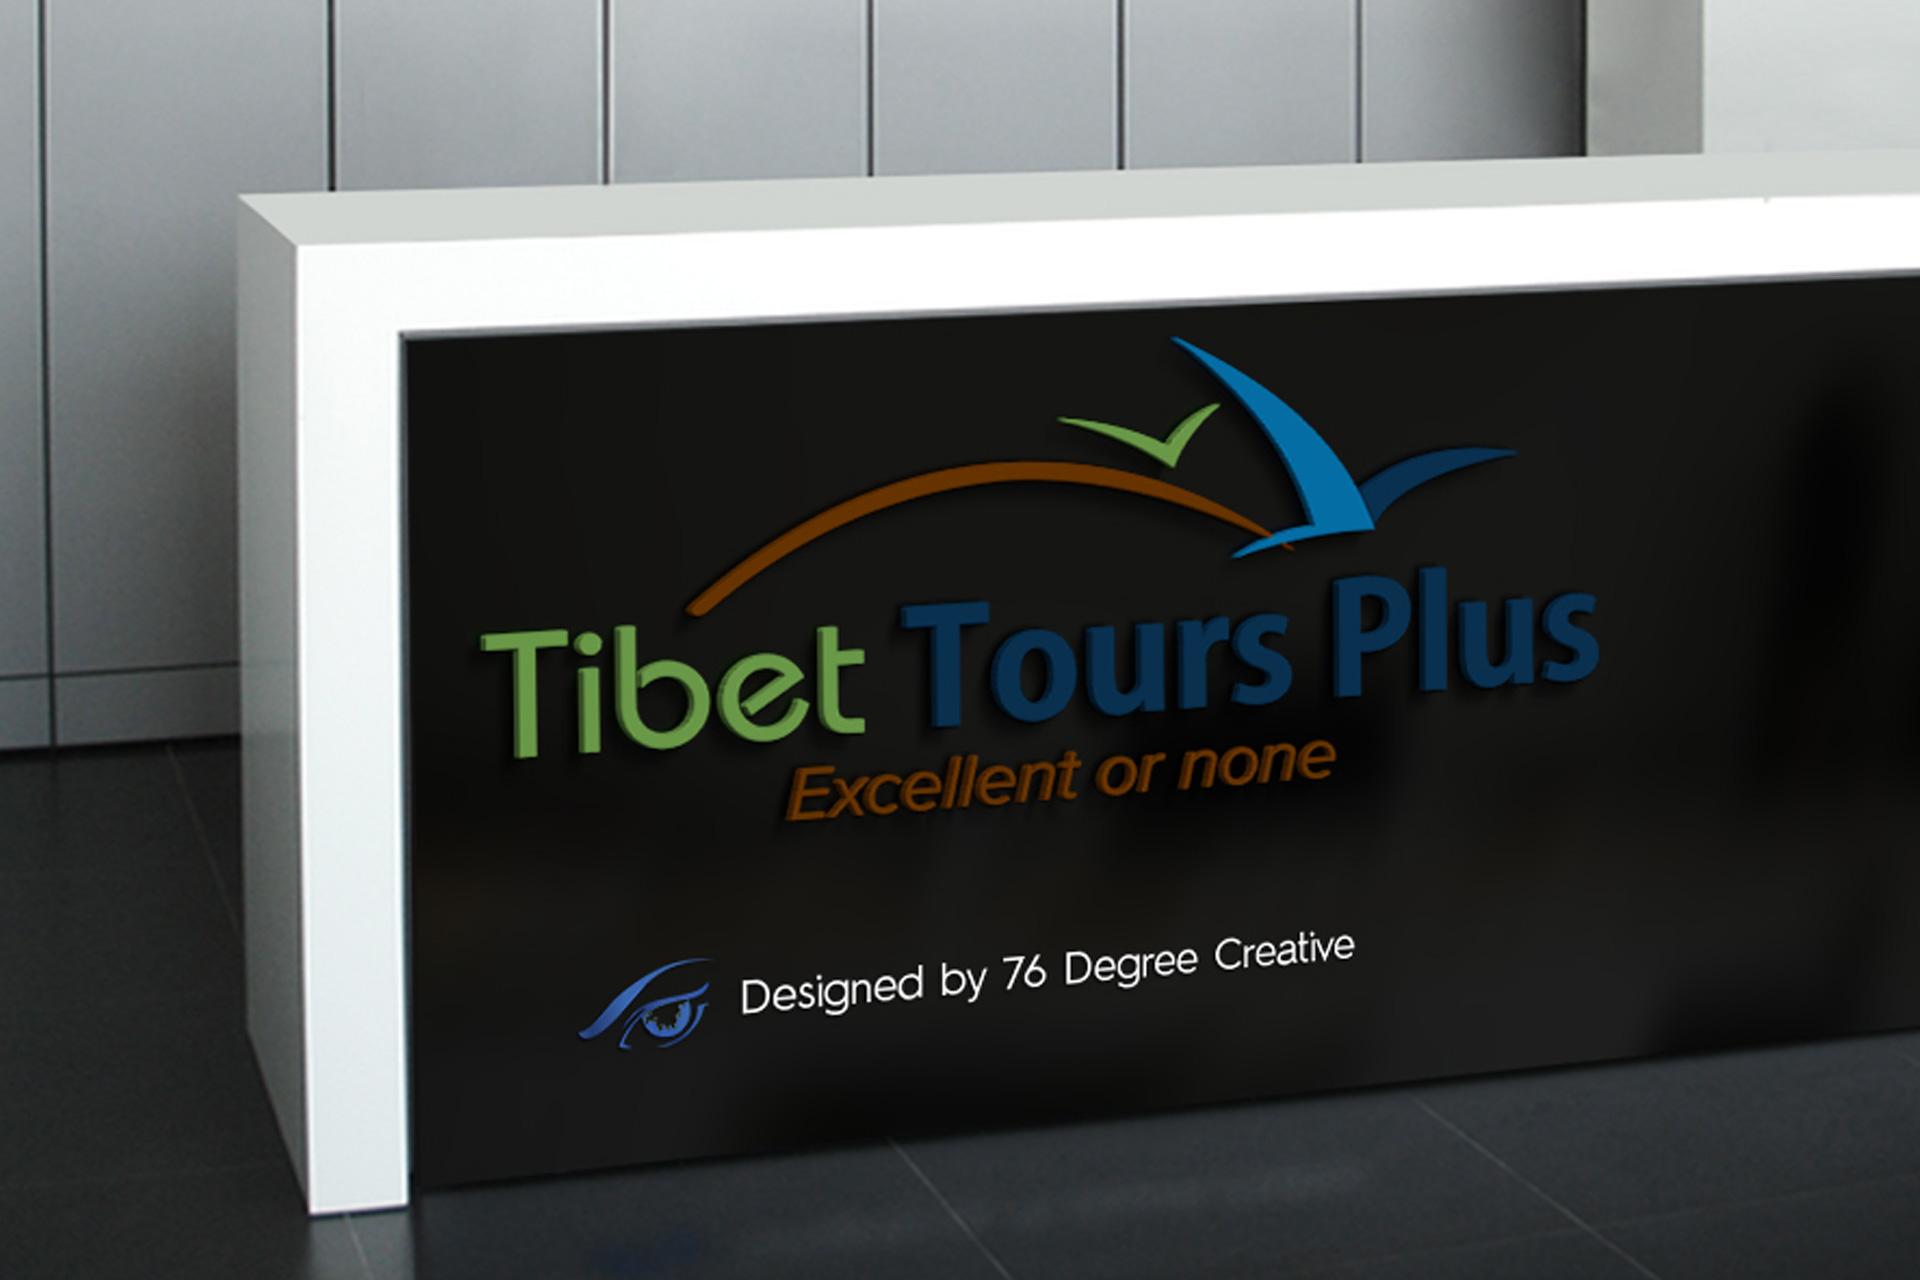 Tibet-Tours-Plus - Graphic Design Portfolio